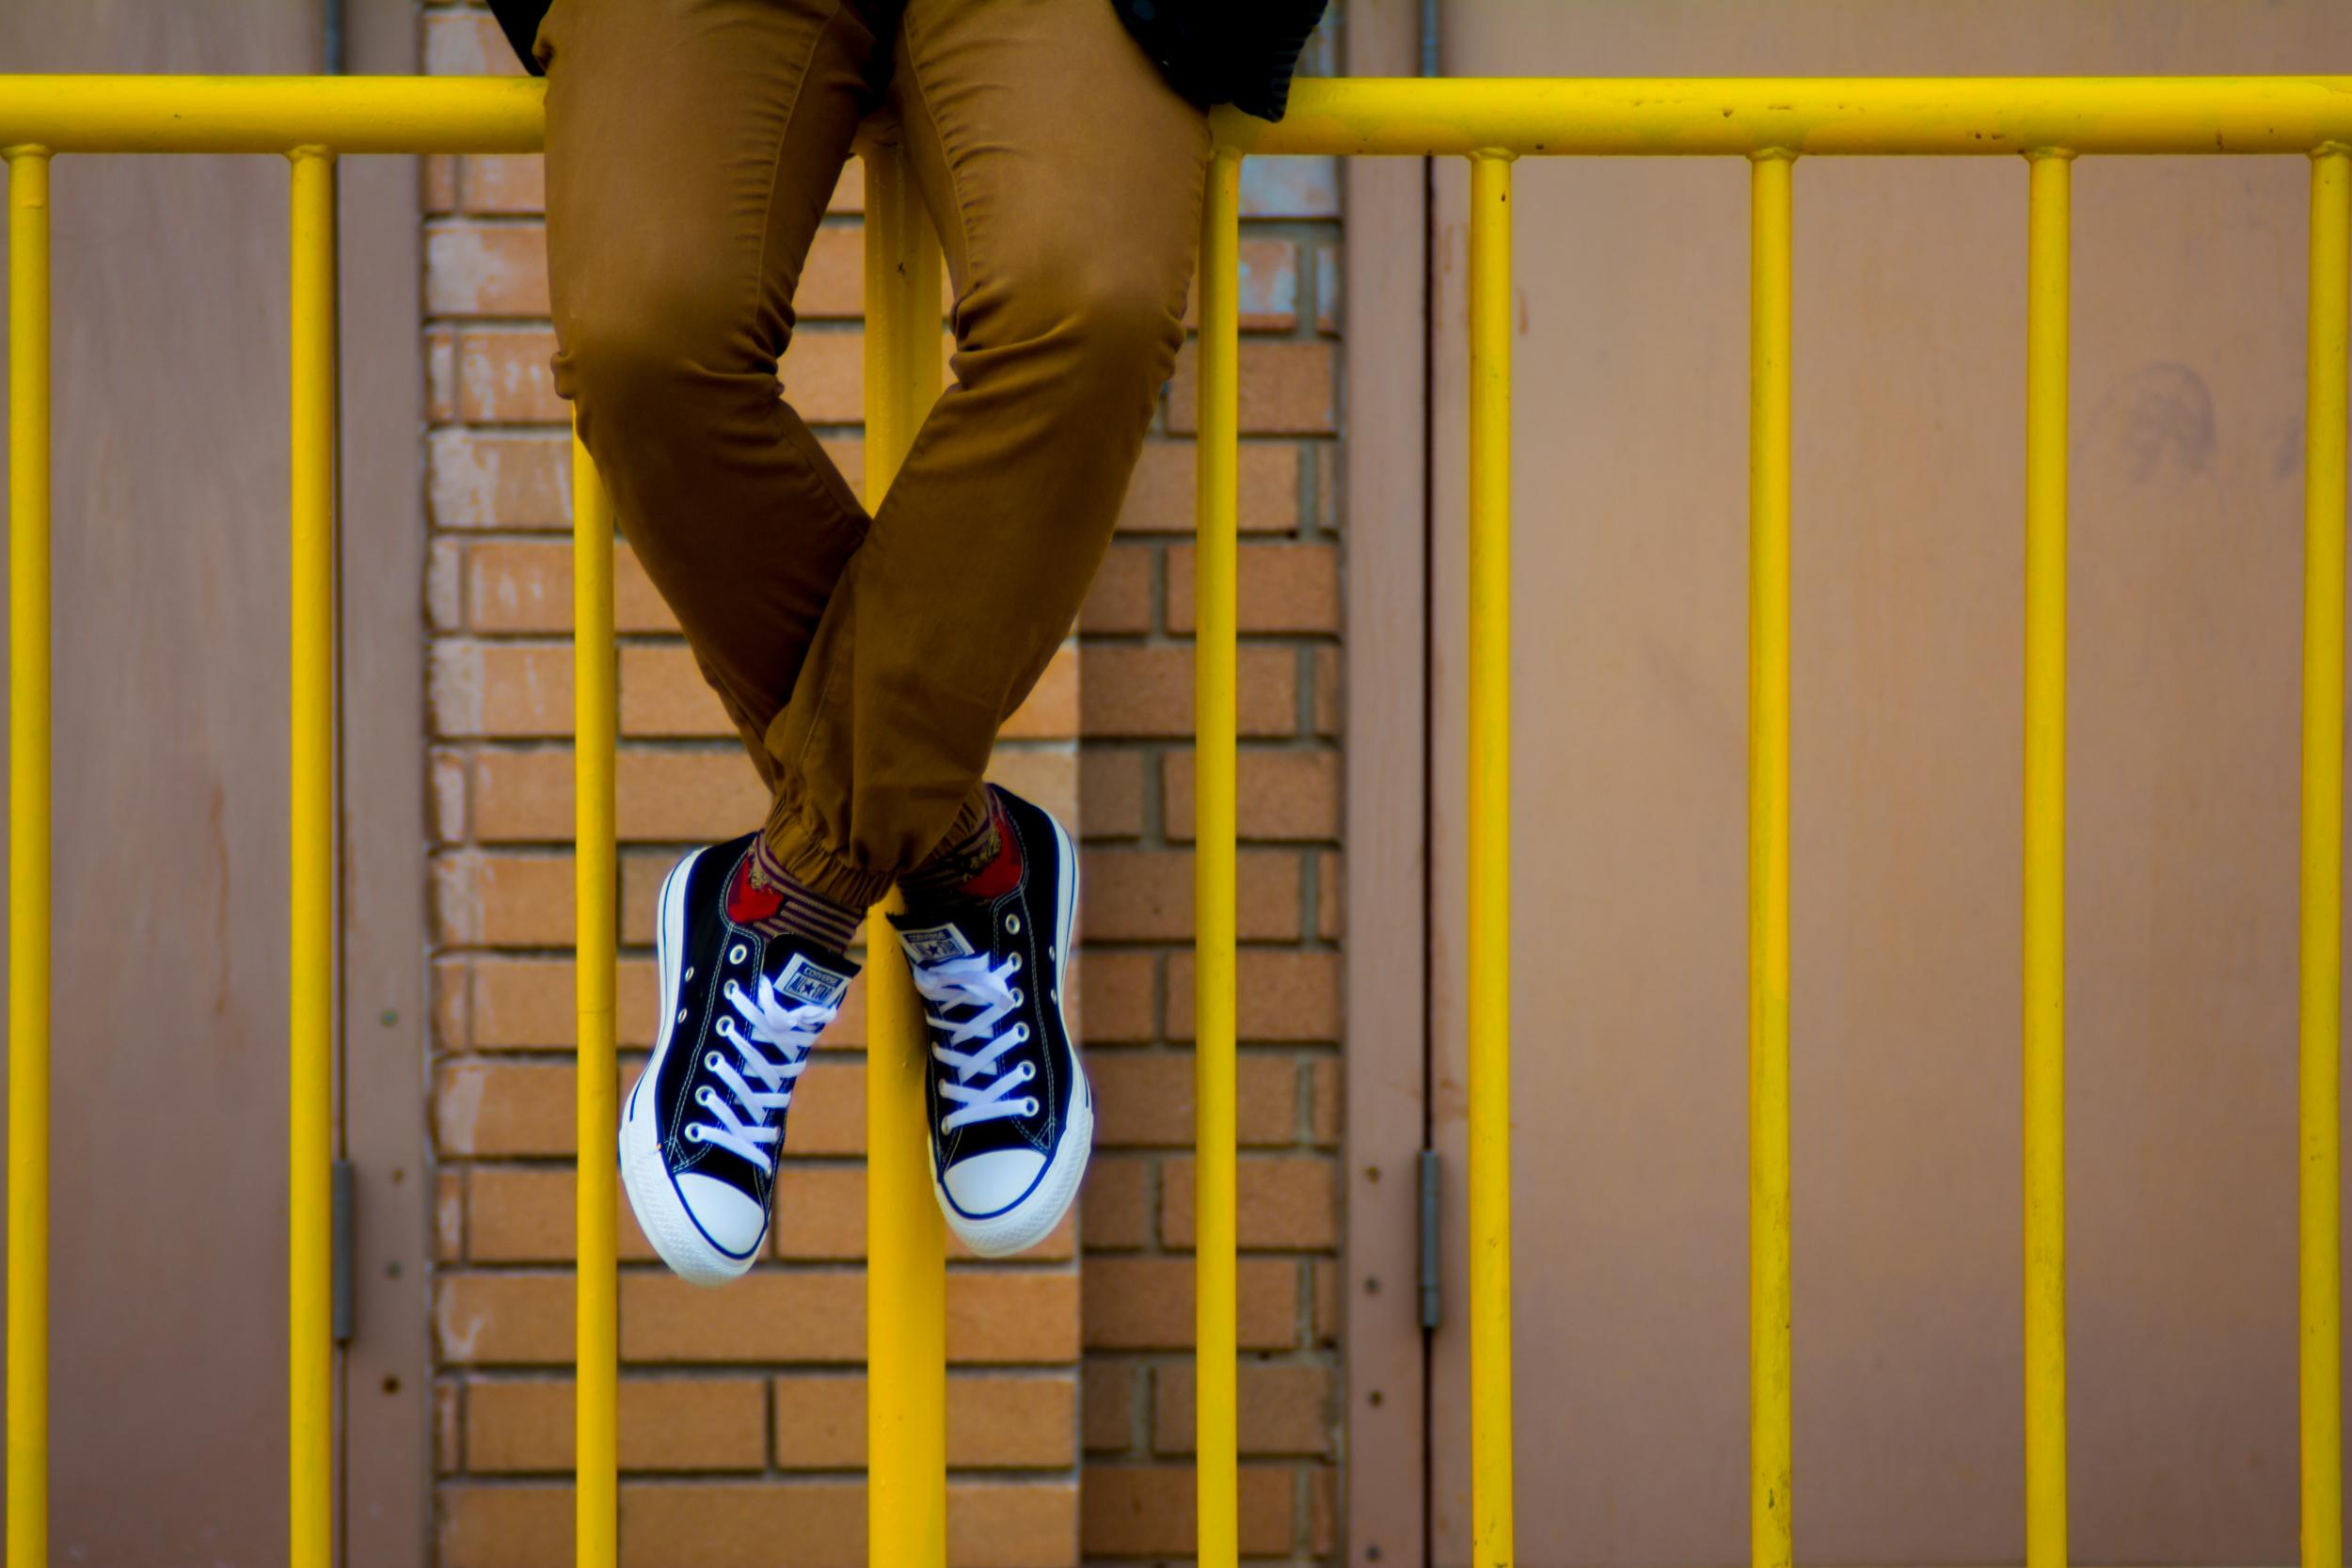 35 éves elmúlt, de még mindig nem akar felnőni – ez nem mese, ez a Pán Péter szindróma